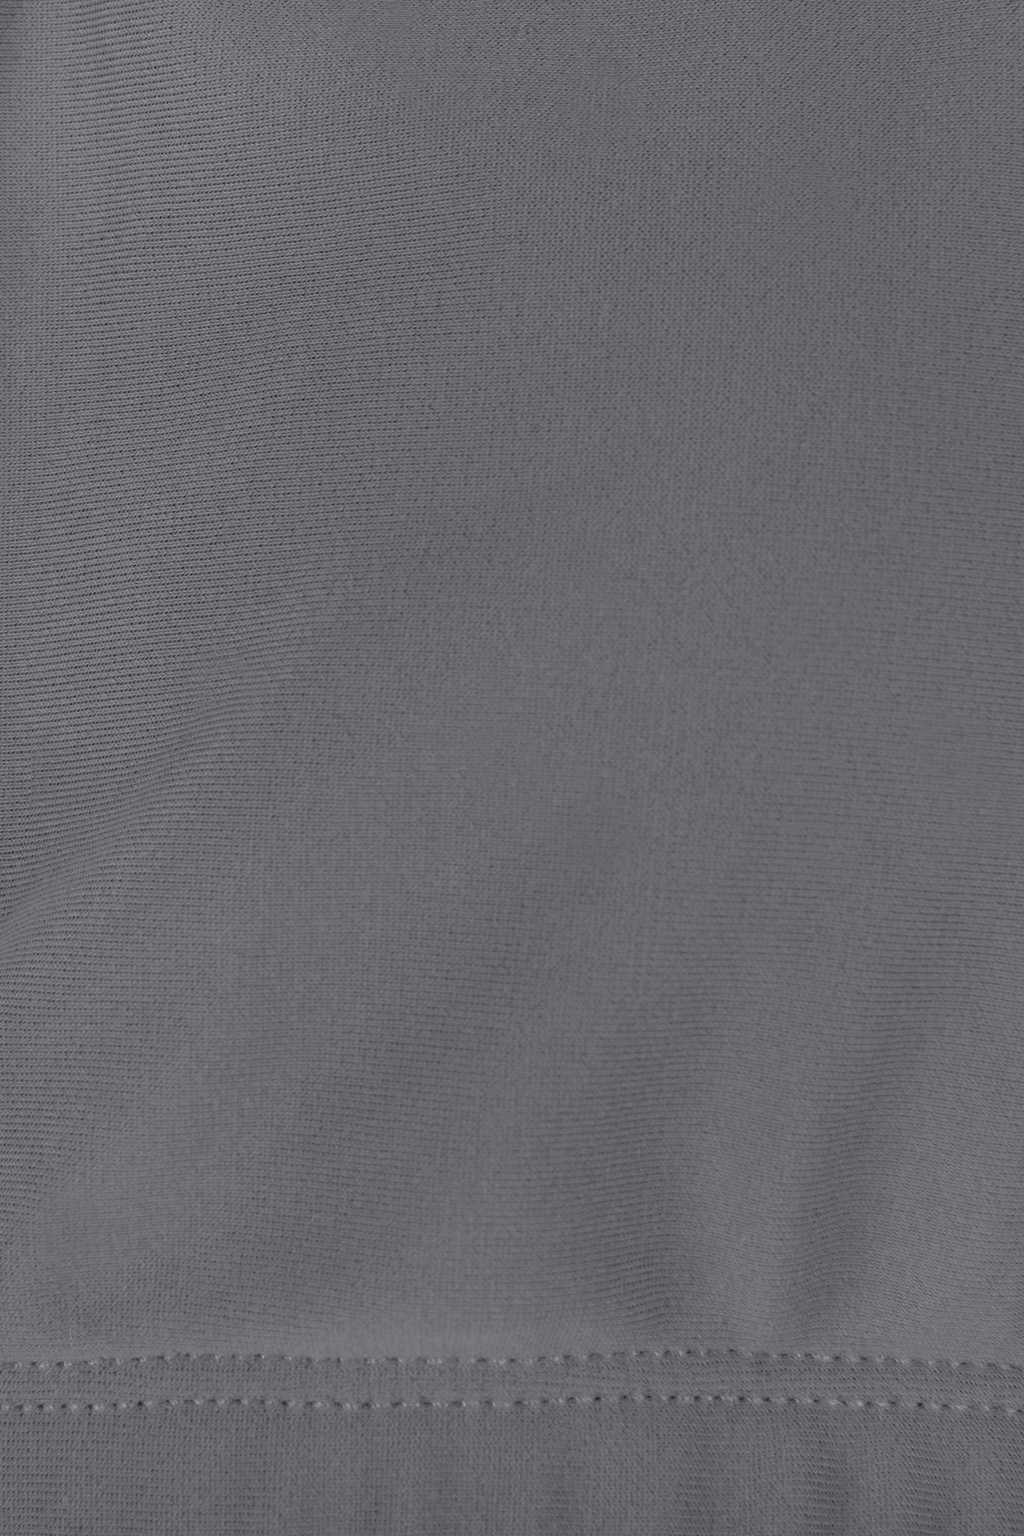 Bikini Top 2906 Gray 16